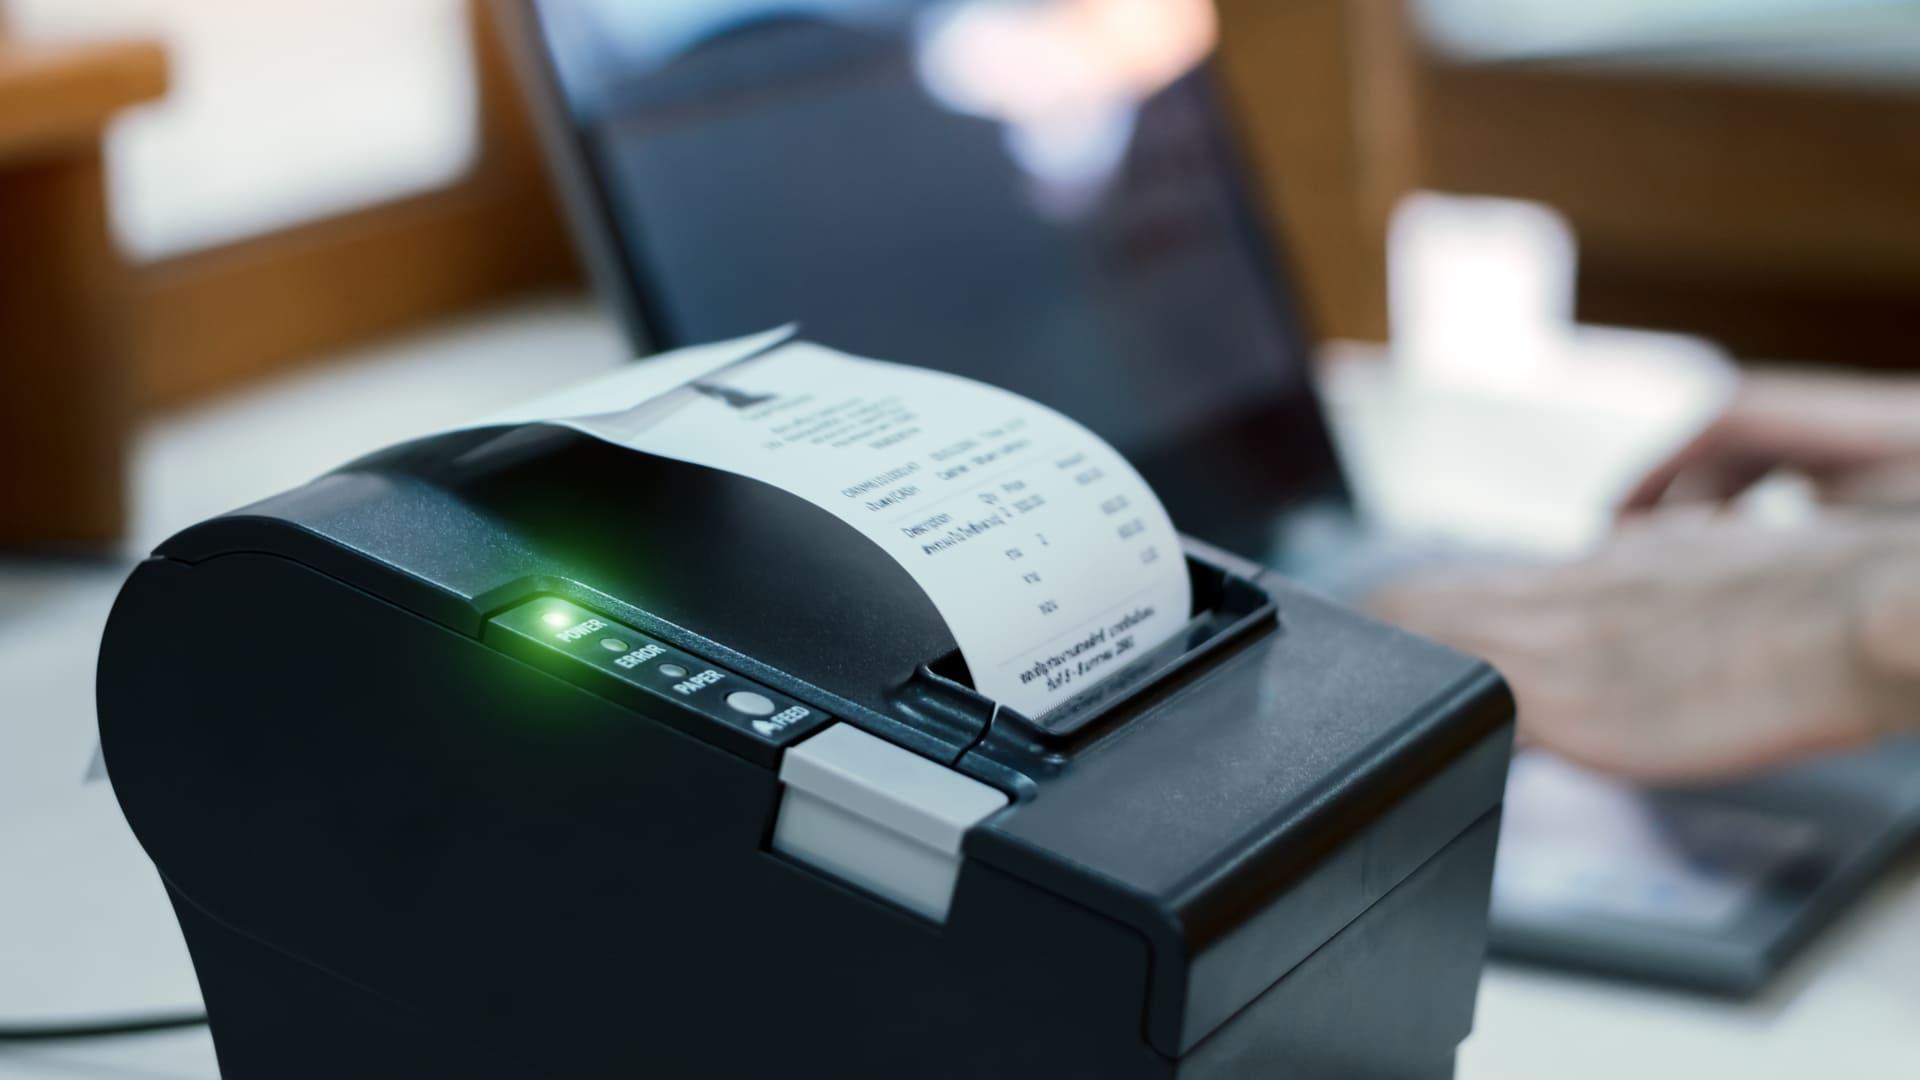 Veja as melhores opções de impressora térmica (Foto: Sunshine Studio/Shutterstock)